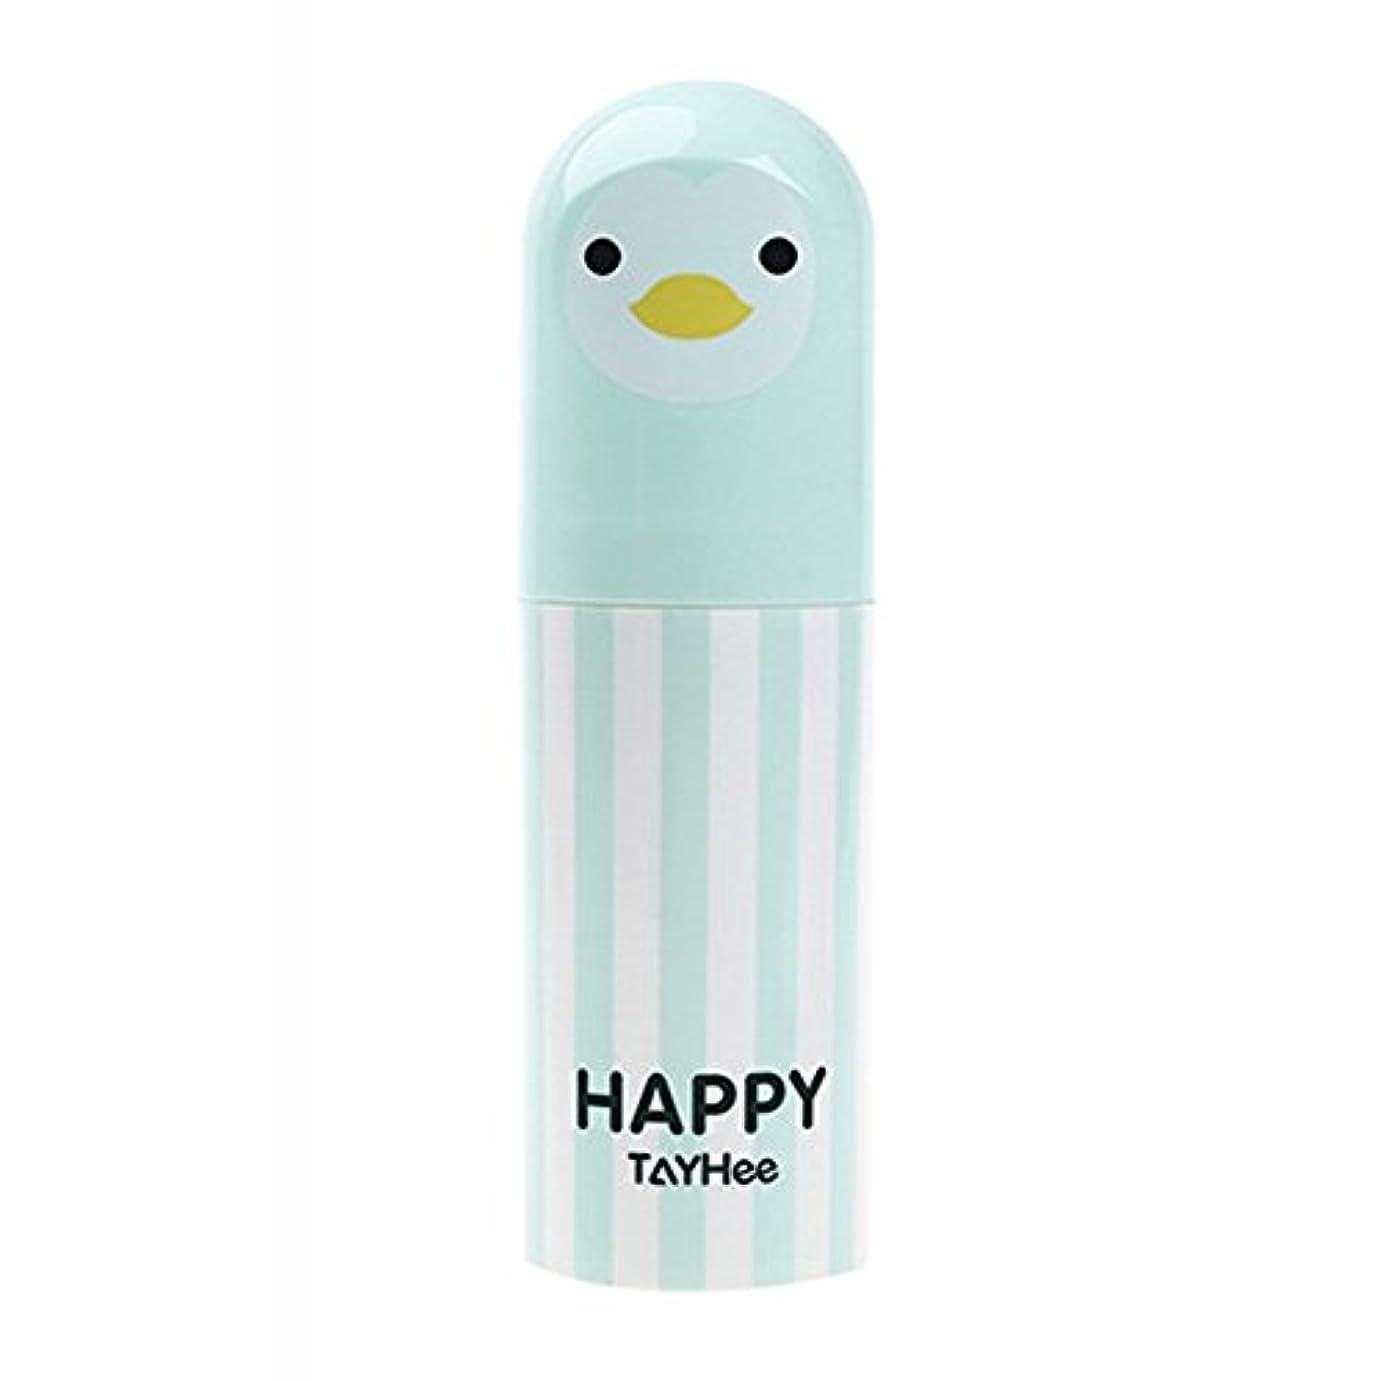 たっぷりバーチャル気体のpotato001ポータブル可愛い漫画ペンギン歯ブラシ歯磨き粉ホルダー旅行ストレージケース one size グリーン N4RJ952917WK10WPO5Z